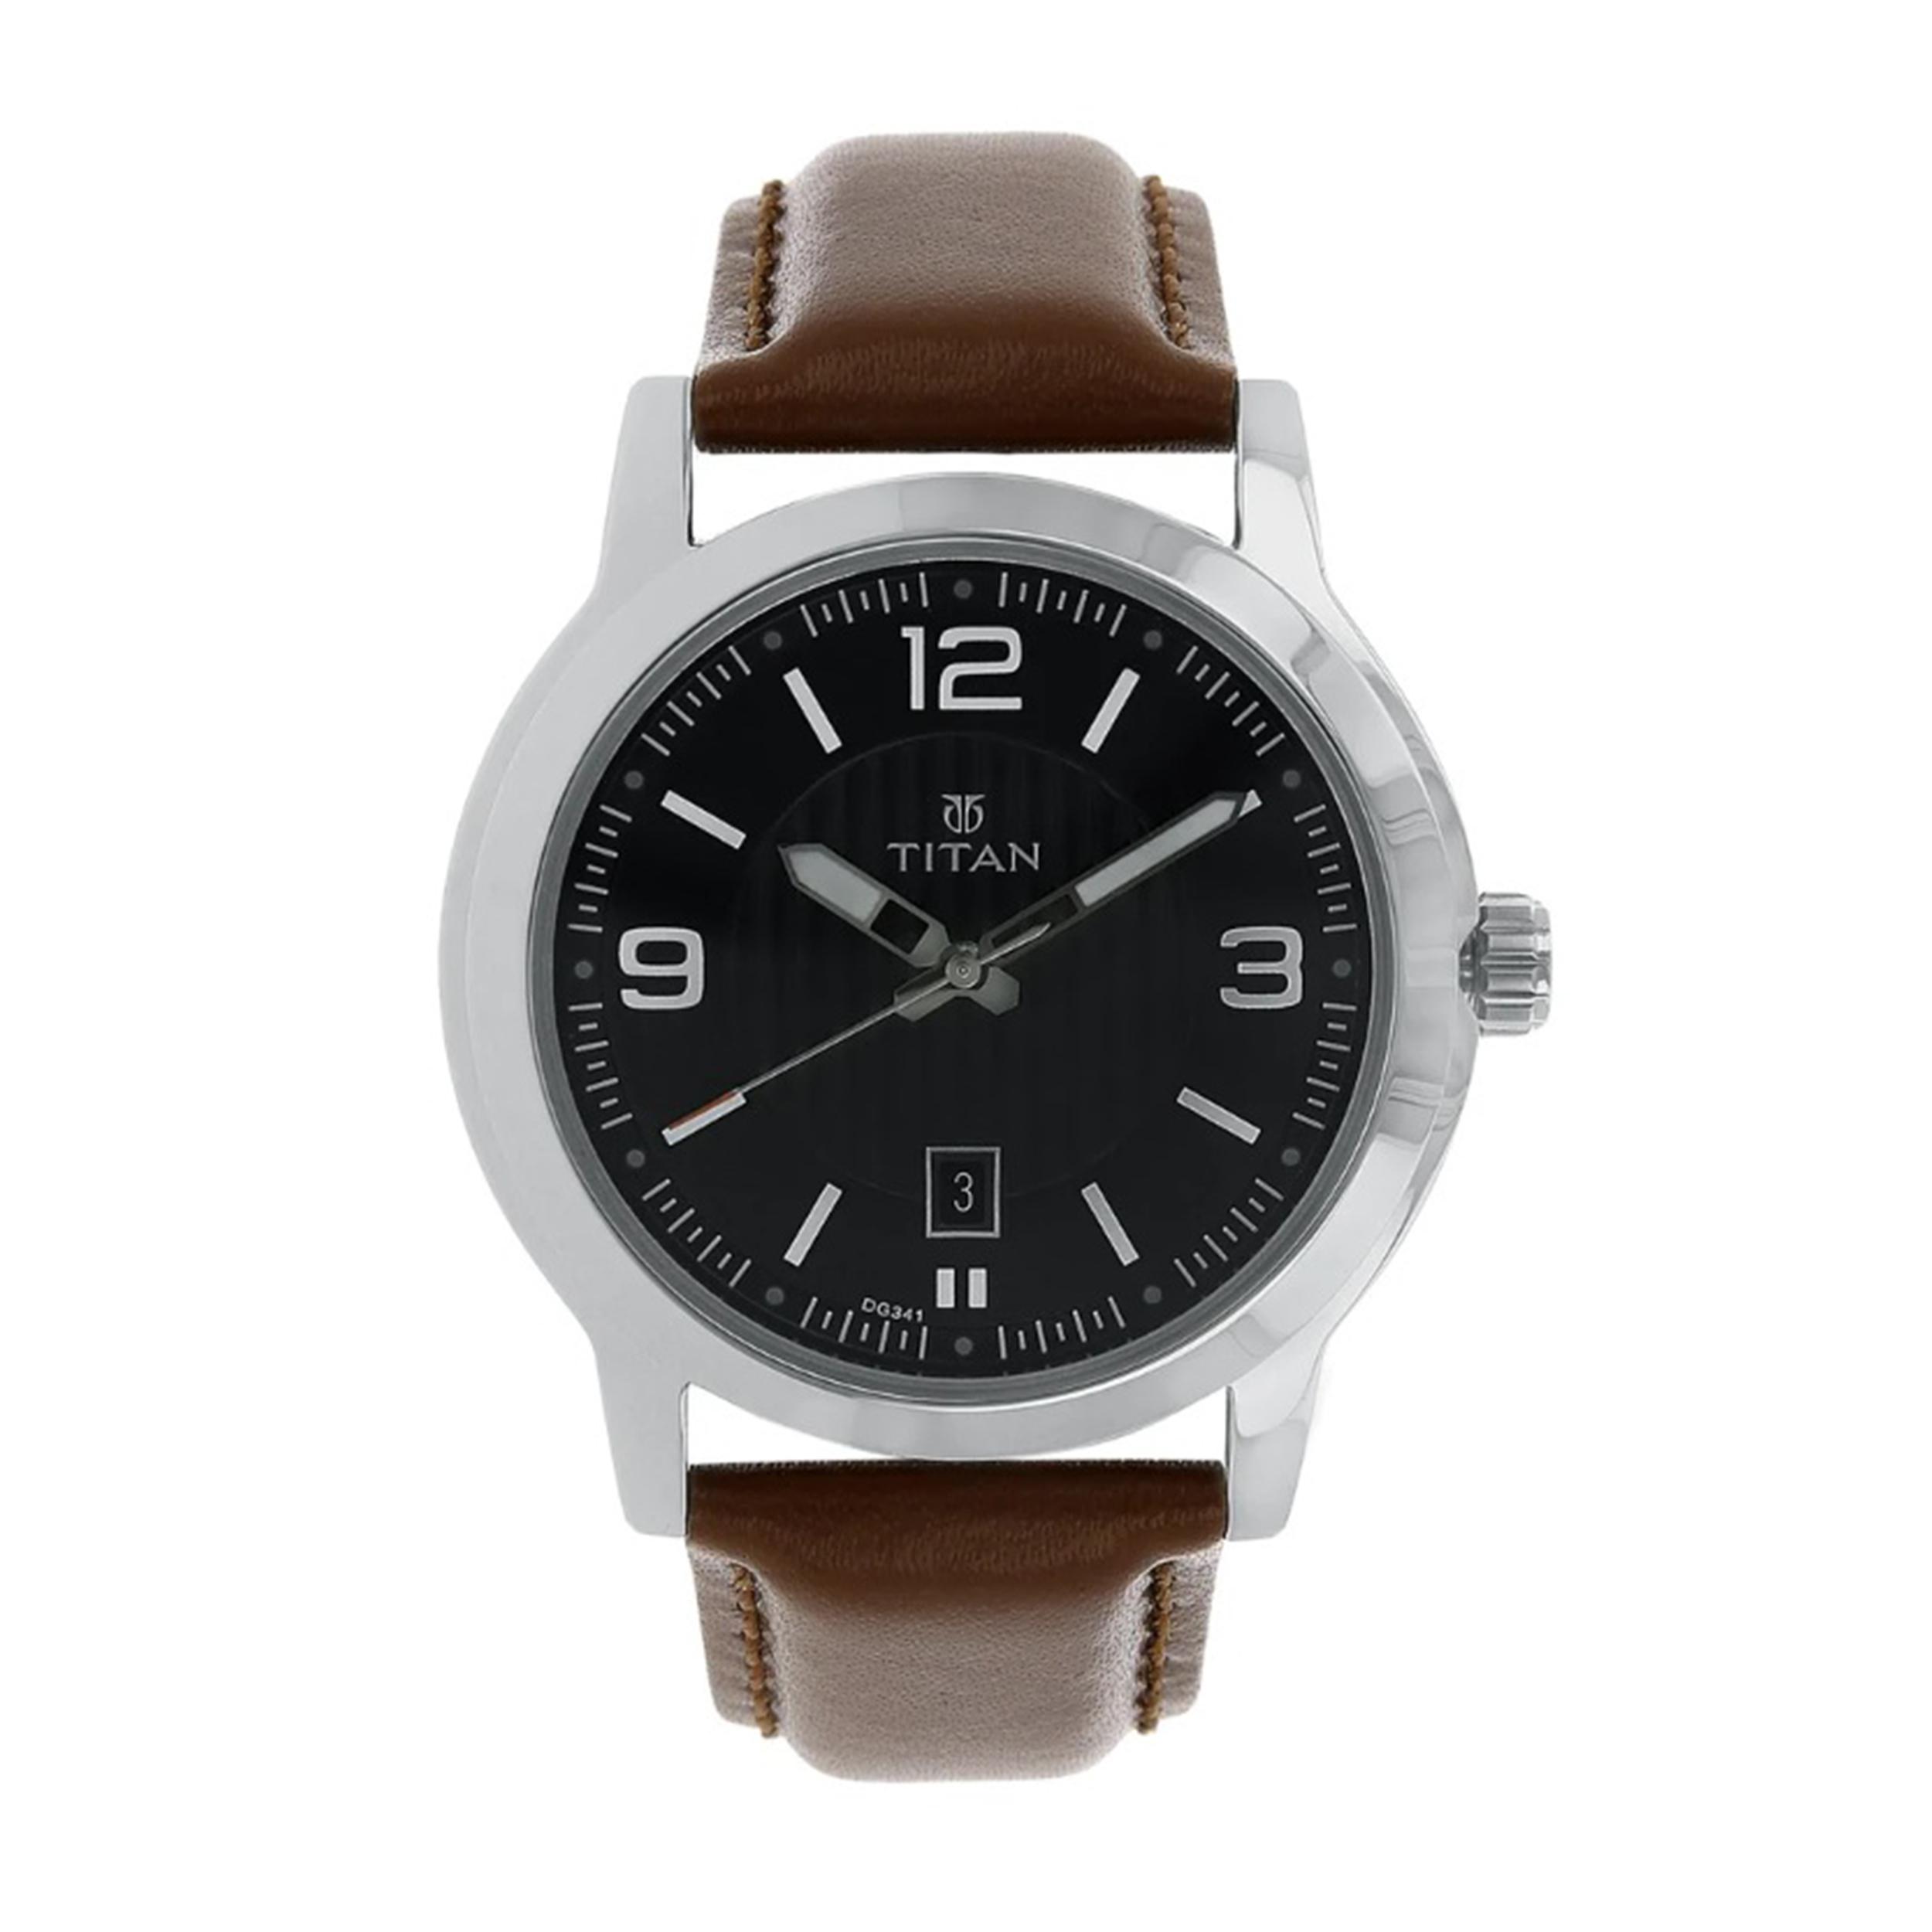 ساعت مچی عقربه ای مردانه تیتان مدل T1730SL02